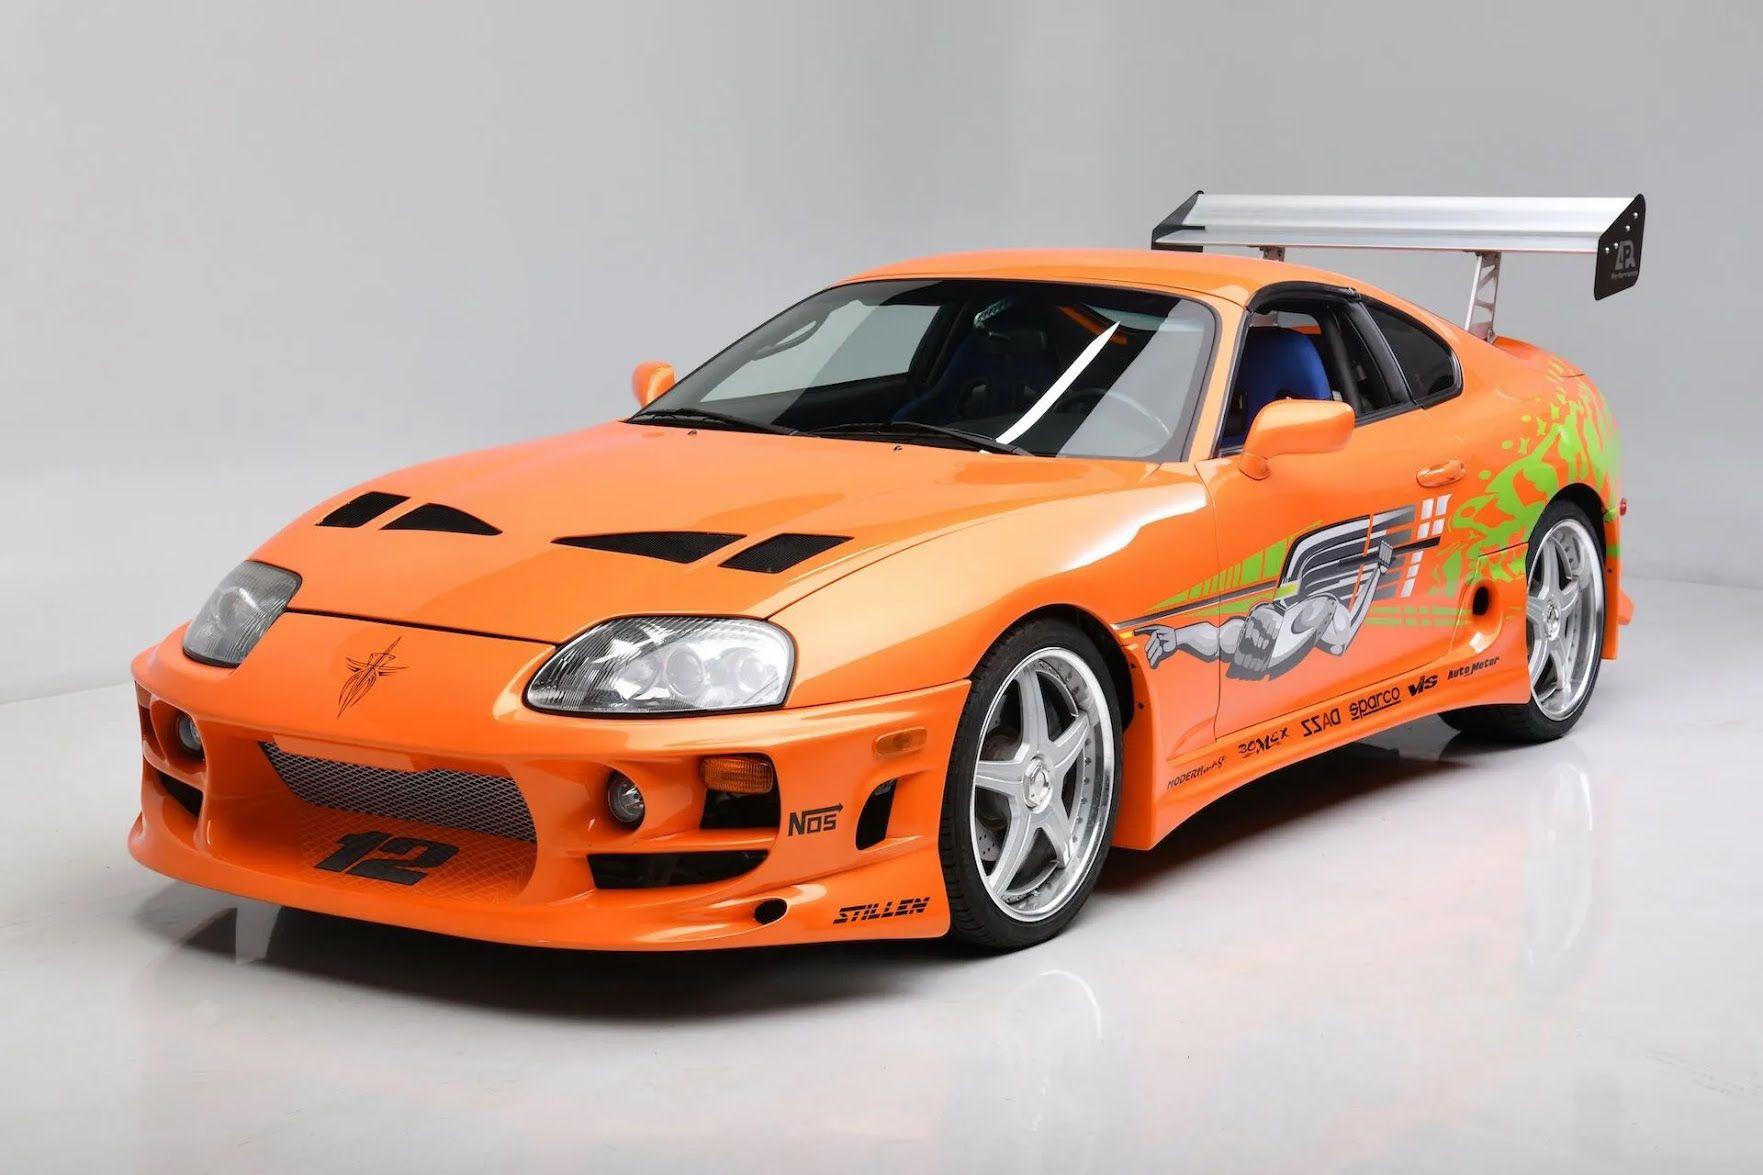 Кузов пофарбований у фірмовий колір Lamborghini, який називається Candy Orange.